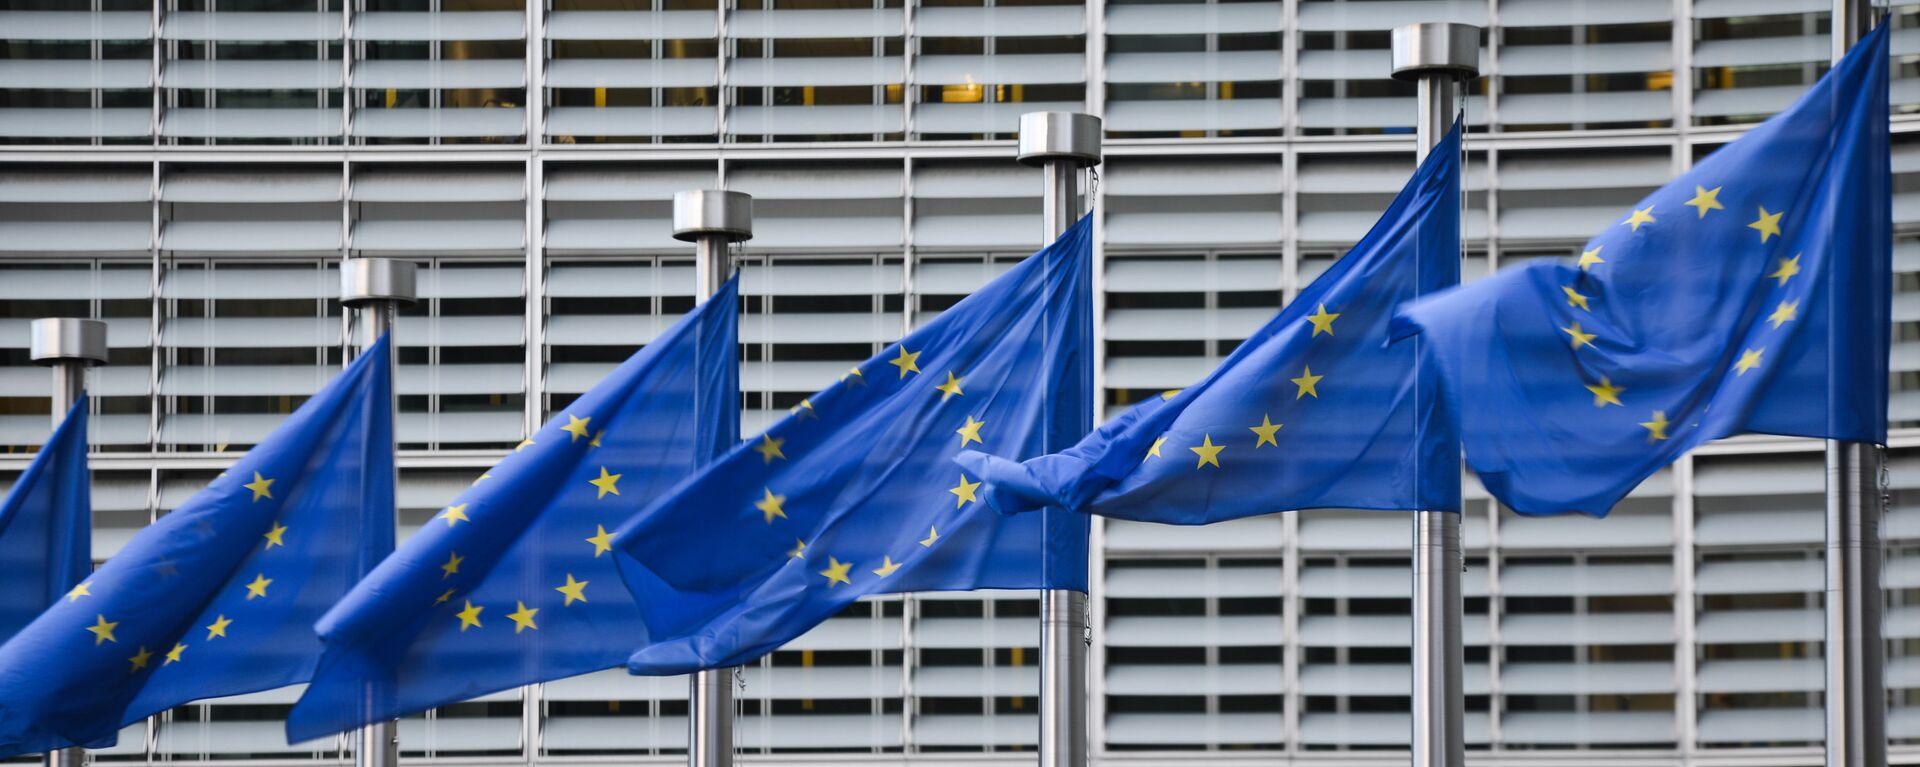 Флаги Евросоюза у здания штаб-квартиры Европейской комиссии в Брюсселе - Sputnik Латвия, 1920, 21.06.2021